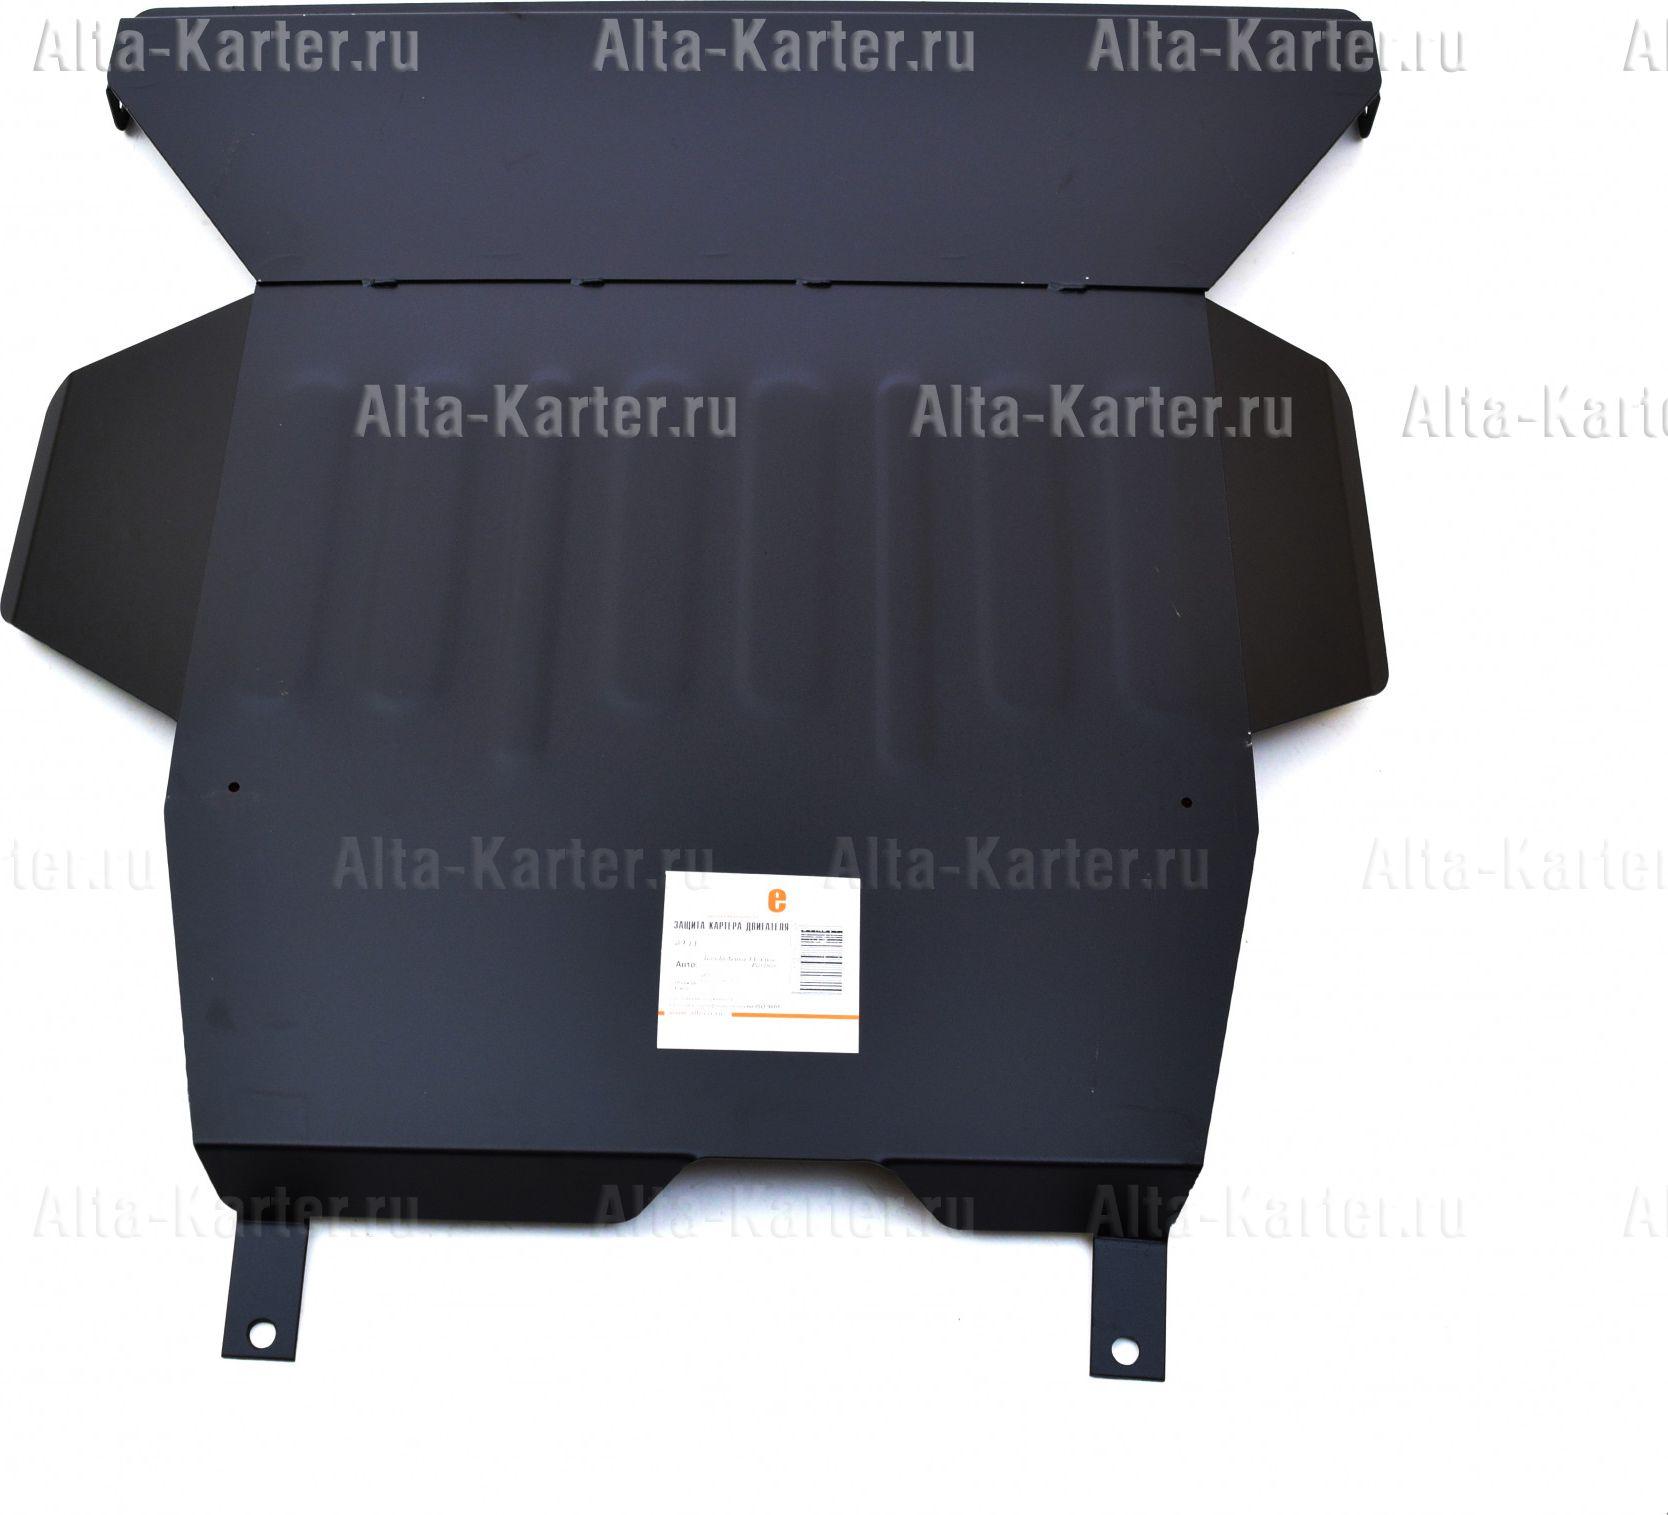 Защита Alfeco для картера и КПП Honda Civic VI 1996-2000. Артикул ALF.09.11